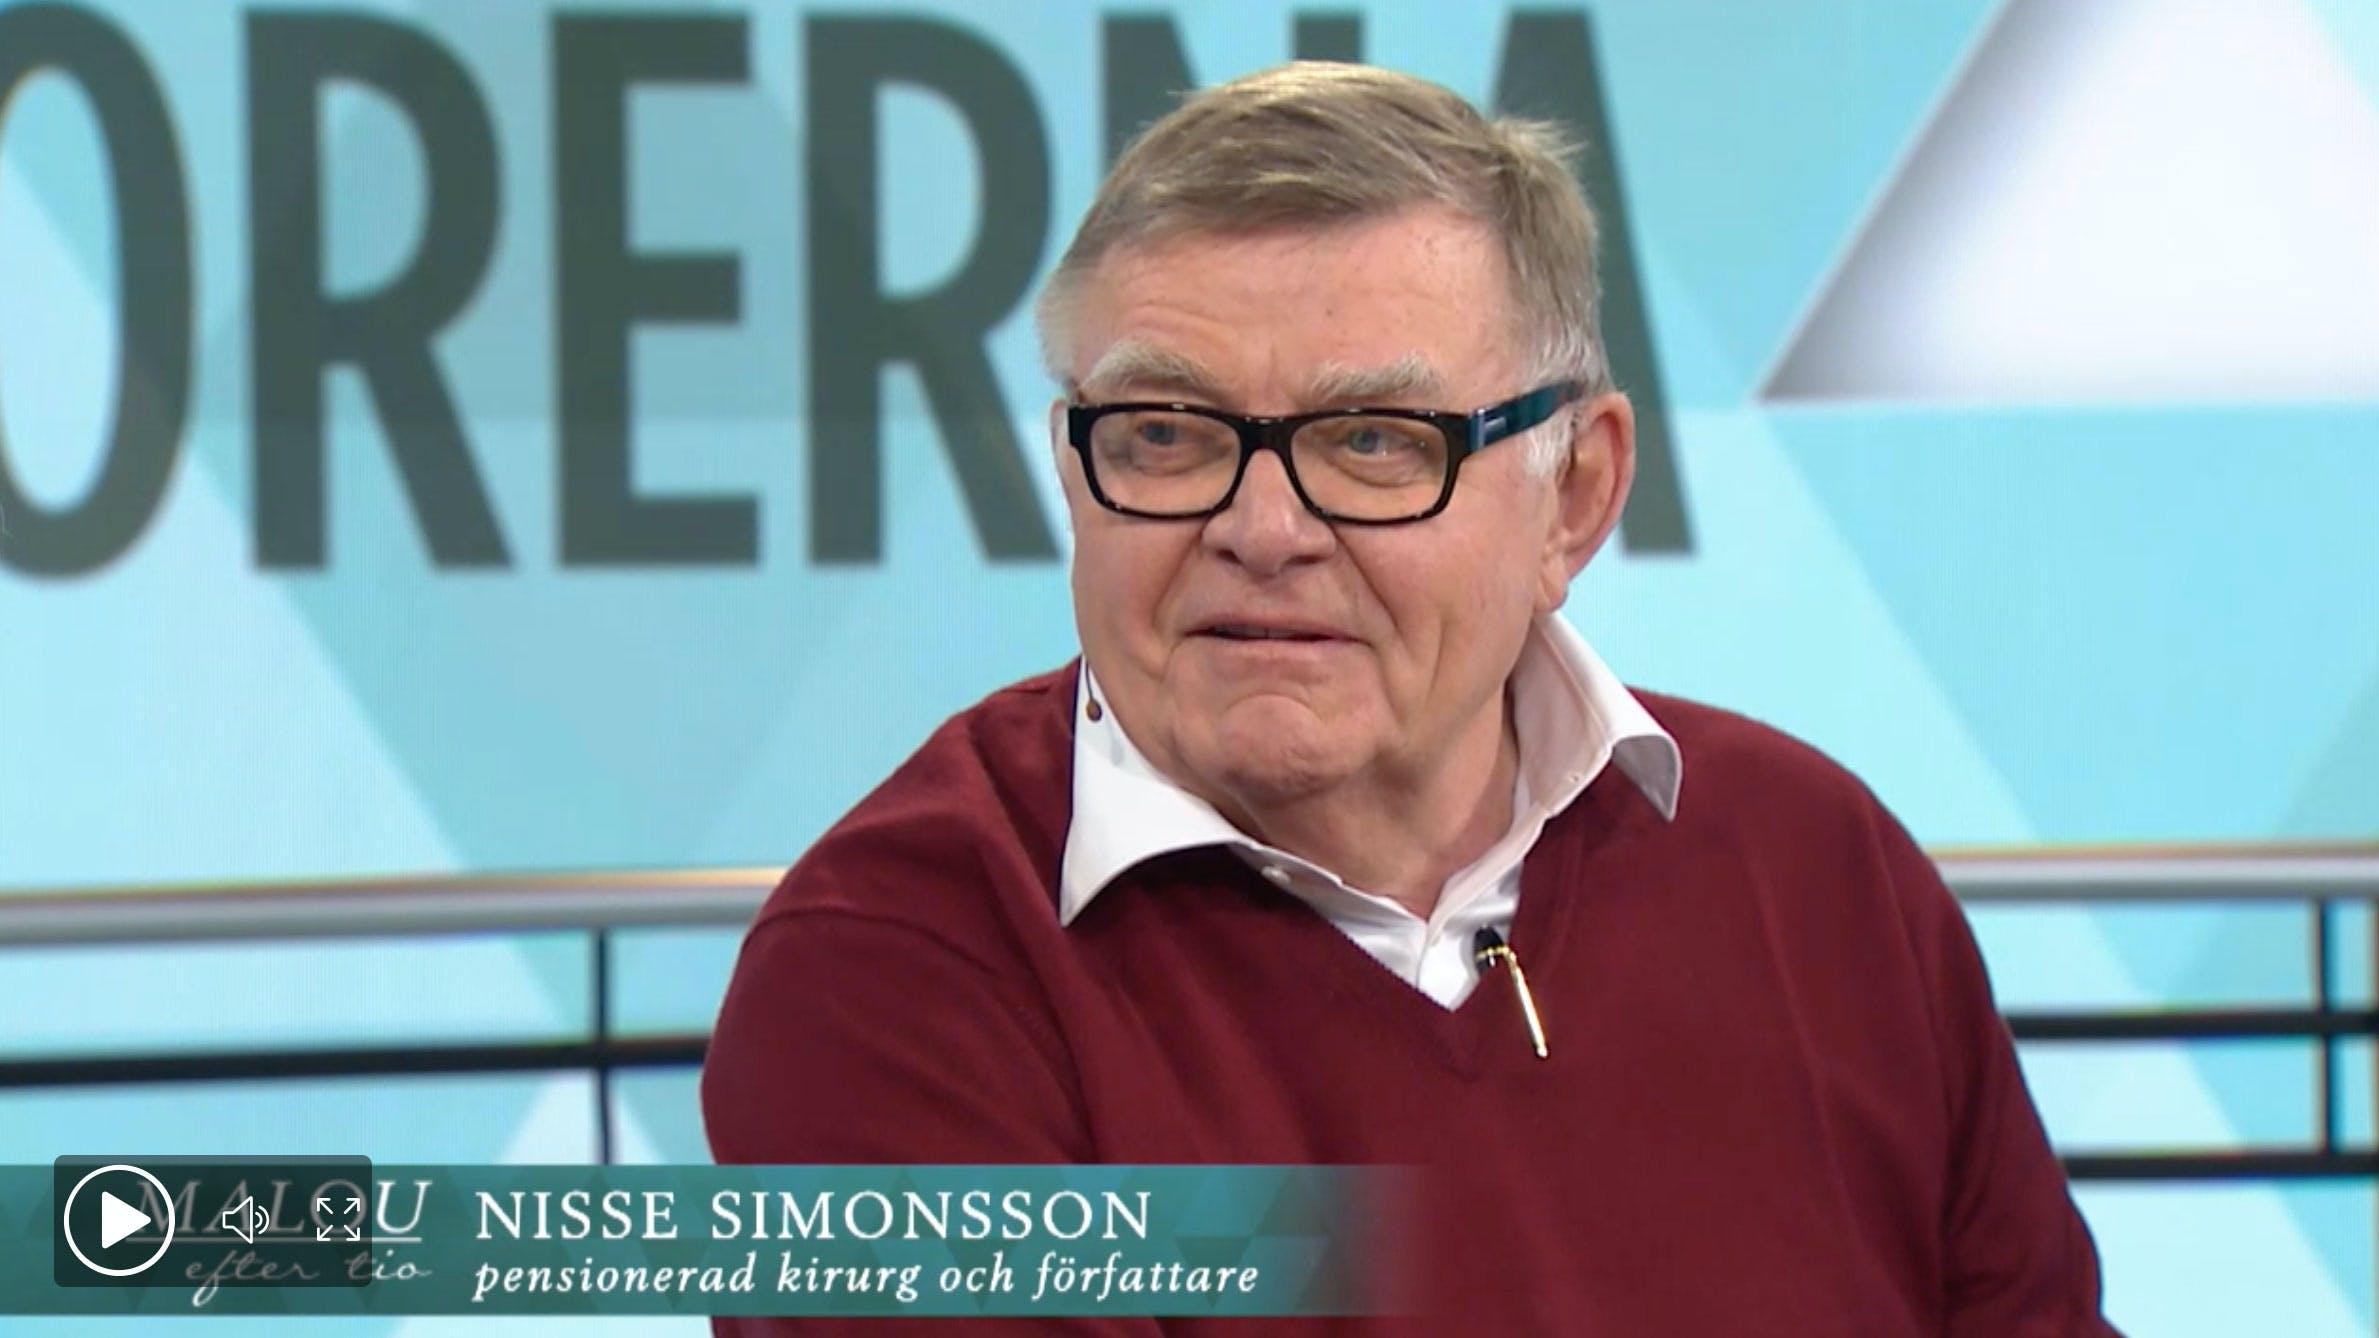 Vinnare populäraste blogginlägg 2018 – Nisse Simonsson om inflammationer